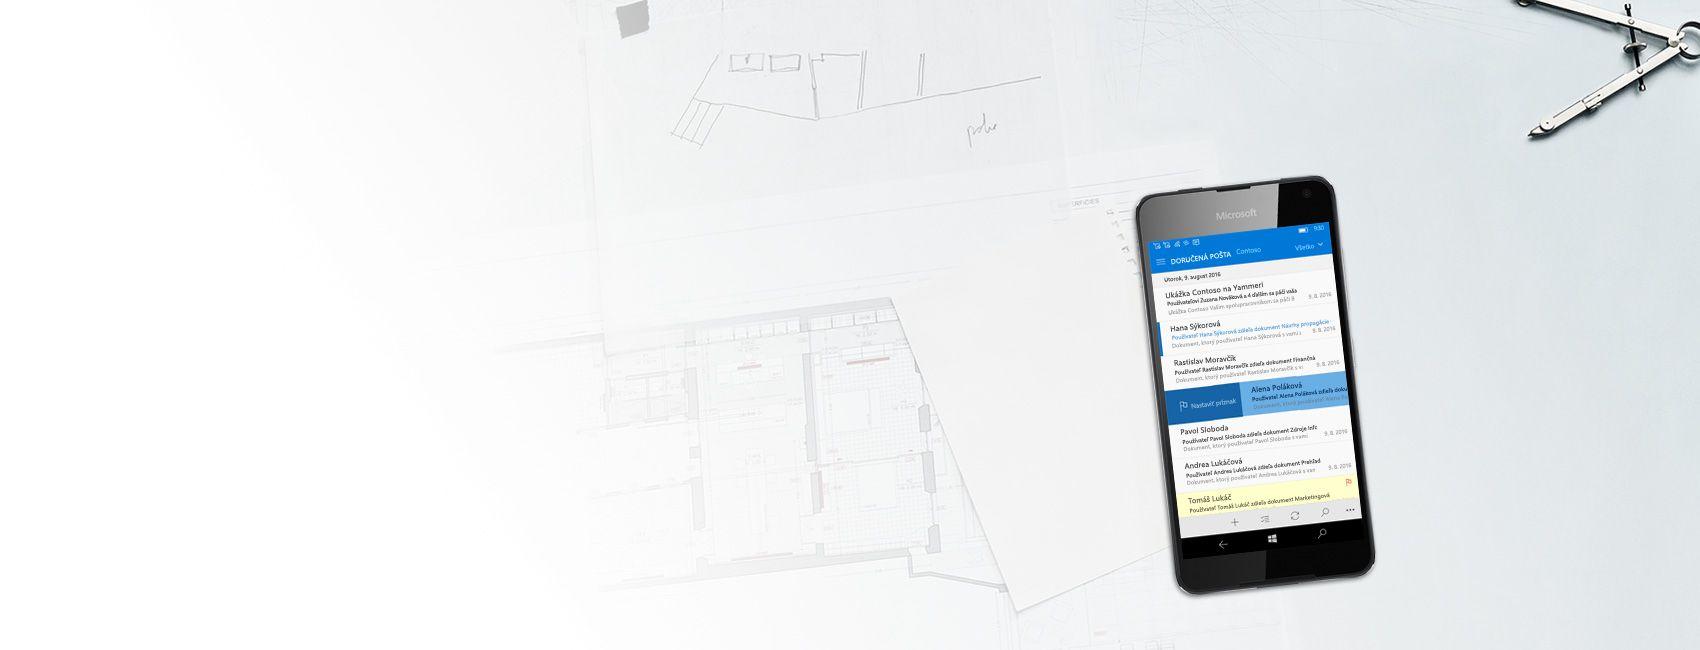 Telefón sWindowsom zobrazujúci priečinok doručenej pošty vOutlooku pre Windows 10 Mobile